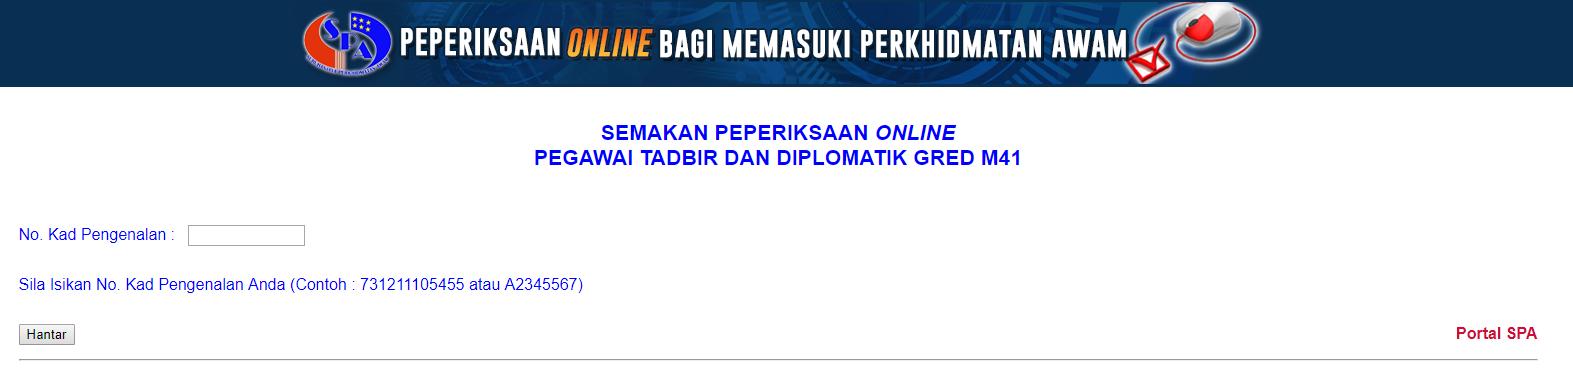 Peperiksaan Online Memasuki Perkhidmatan Pegawai Tadbir Dan Diplomatik Gred M41 2019